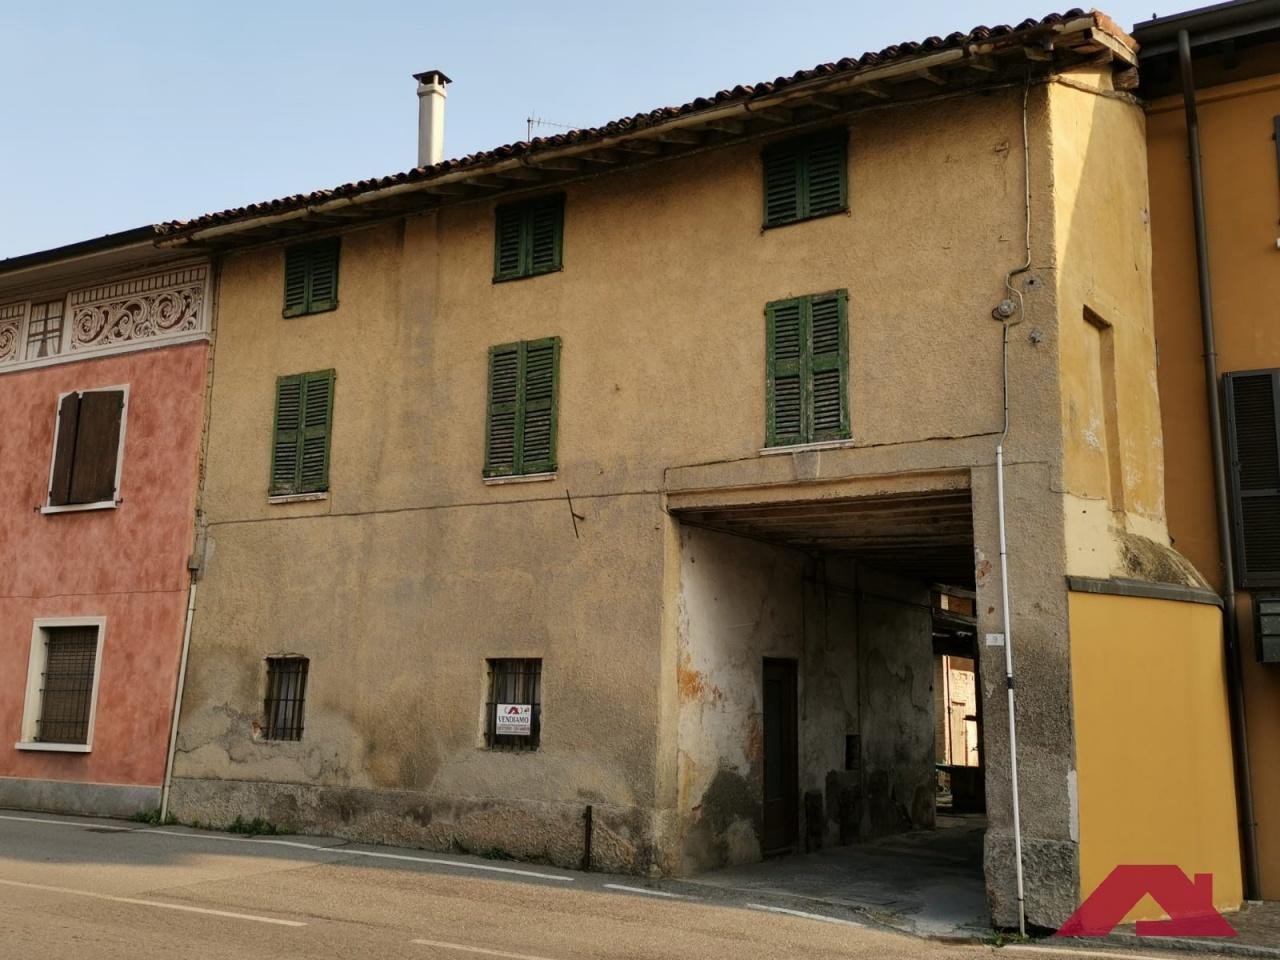 Rustico / Casale in vendita a Capriano del Colle, 6 locali, prezzo € 25.000 | CambioCasa.it